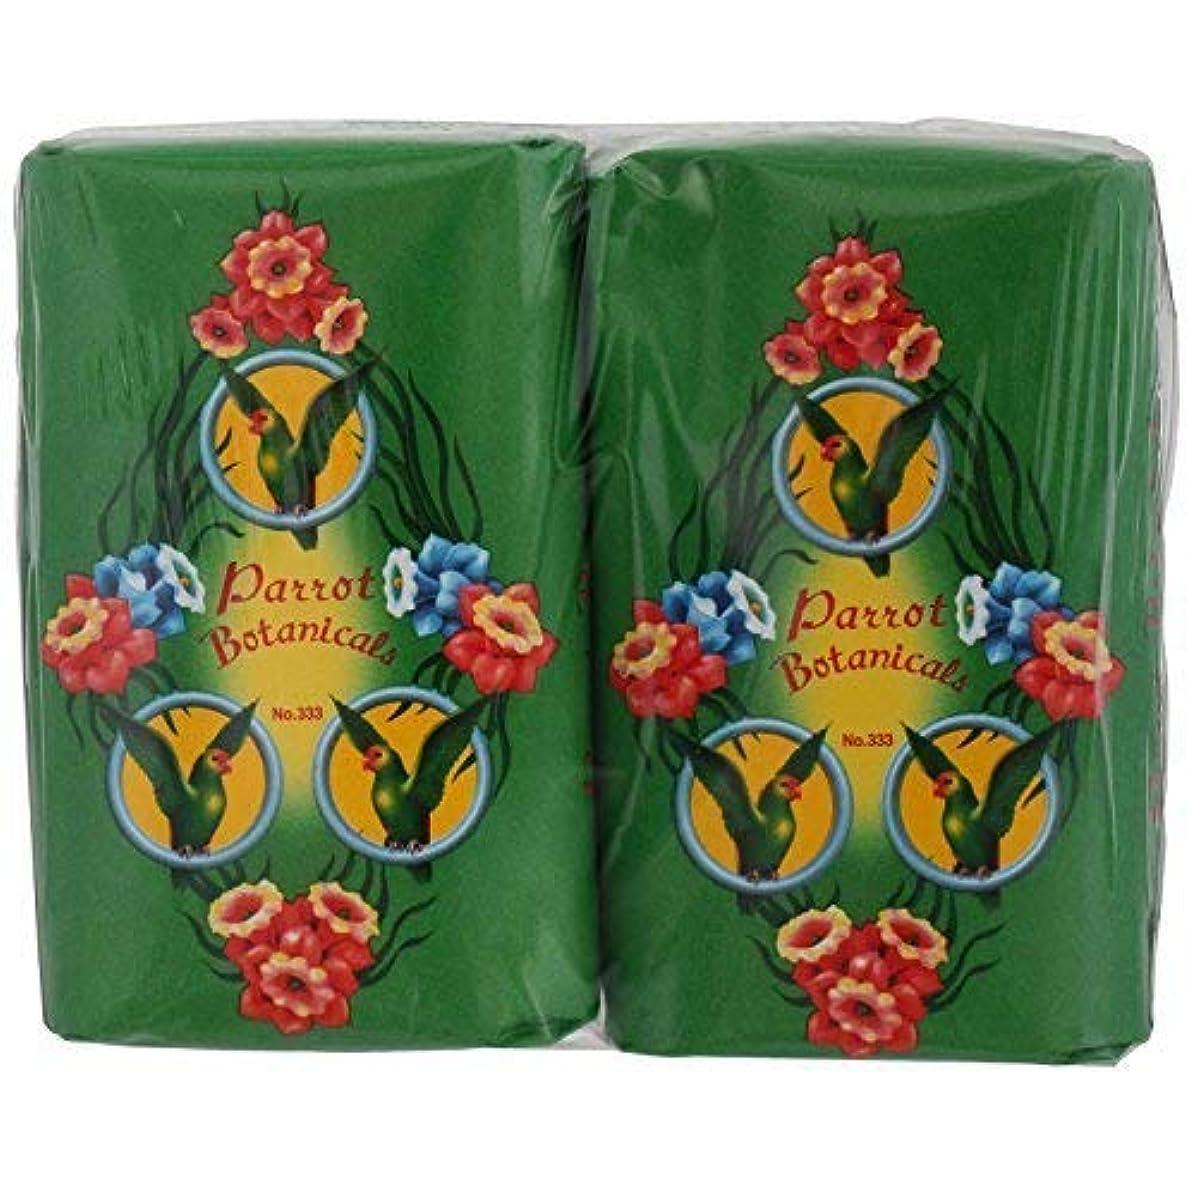 遺棄された明示的に請求Rose Thai Smile Shop Parrot Botanicals Soap Green Long Last Fragrance 105 G (Pack of 4) Free Shipping